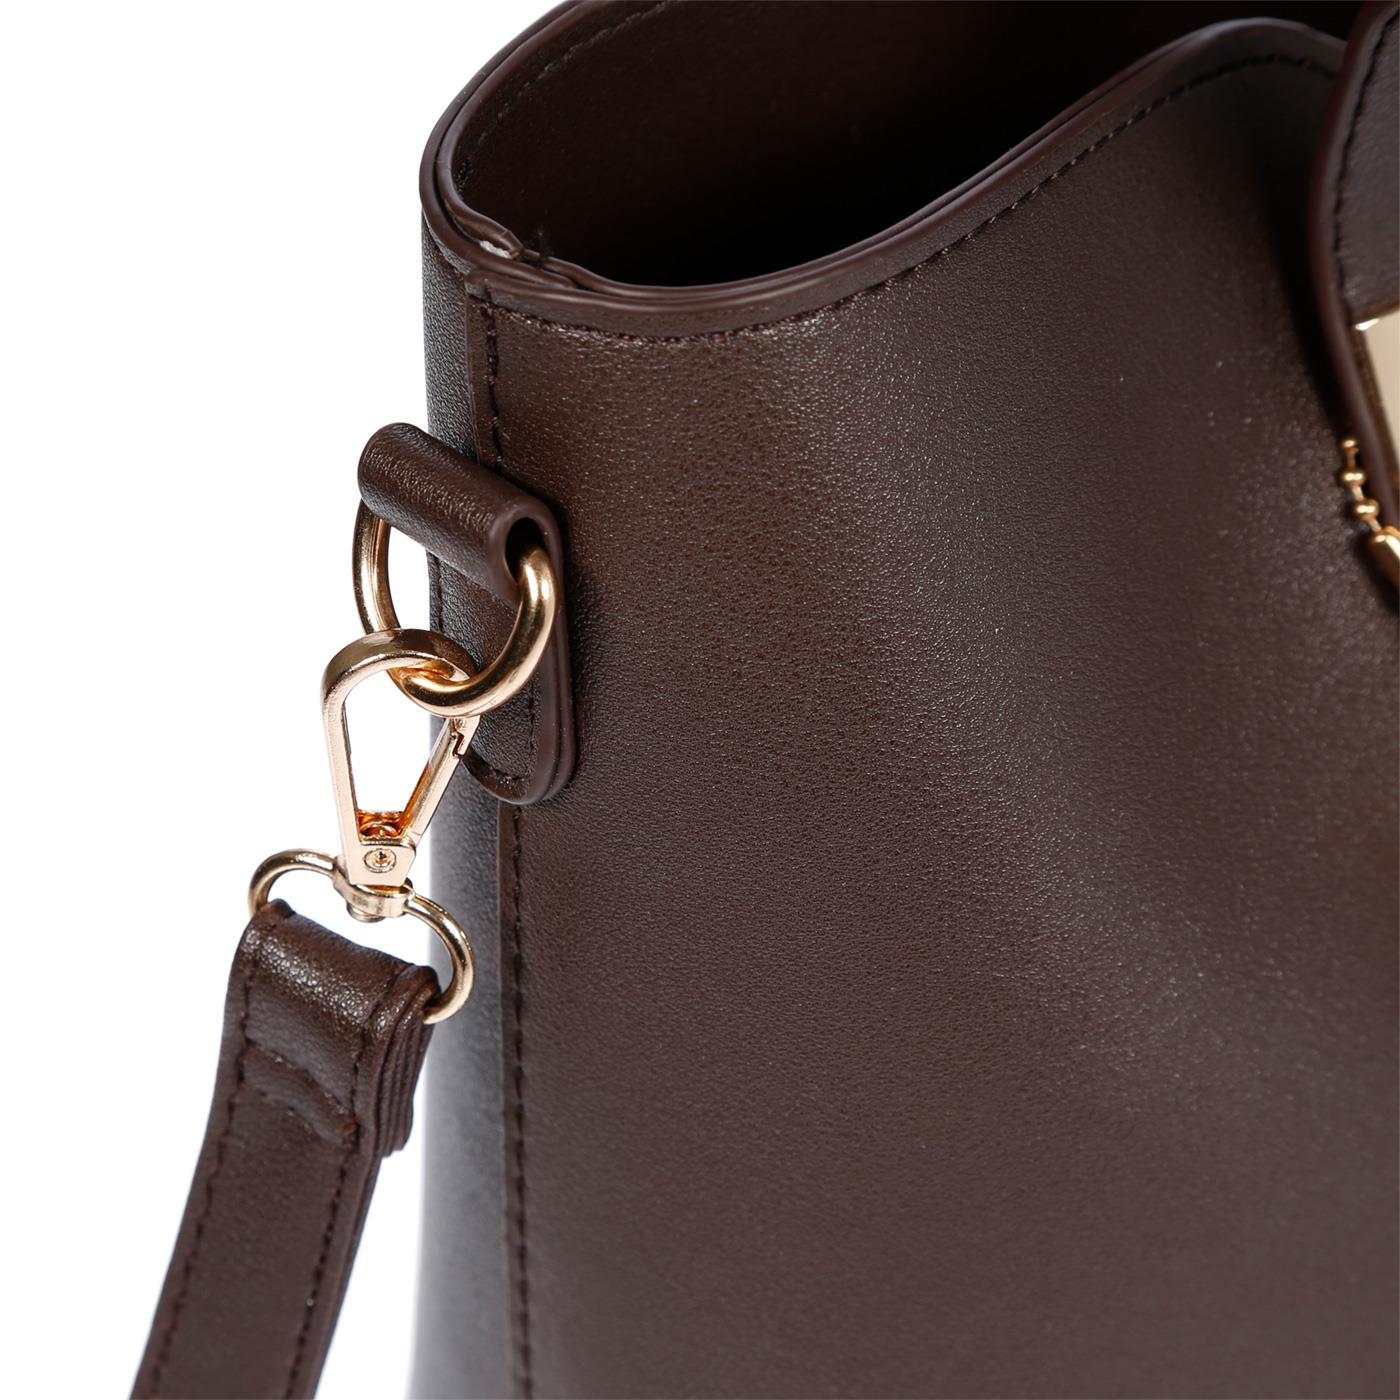 Kossberg-Damen-Tasche-Henkeltasche-Schultertasche-Umhaengetasche-Leder-Optik-Bag Indexbild 46